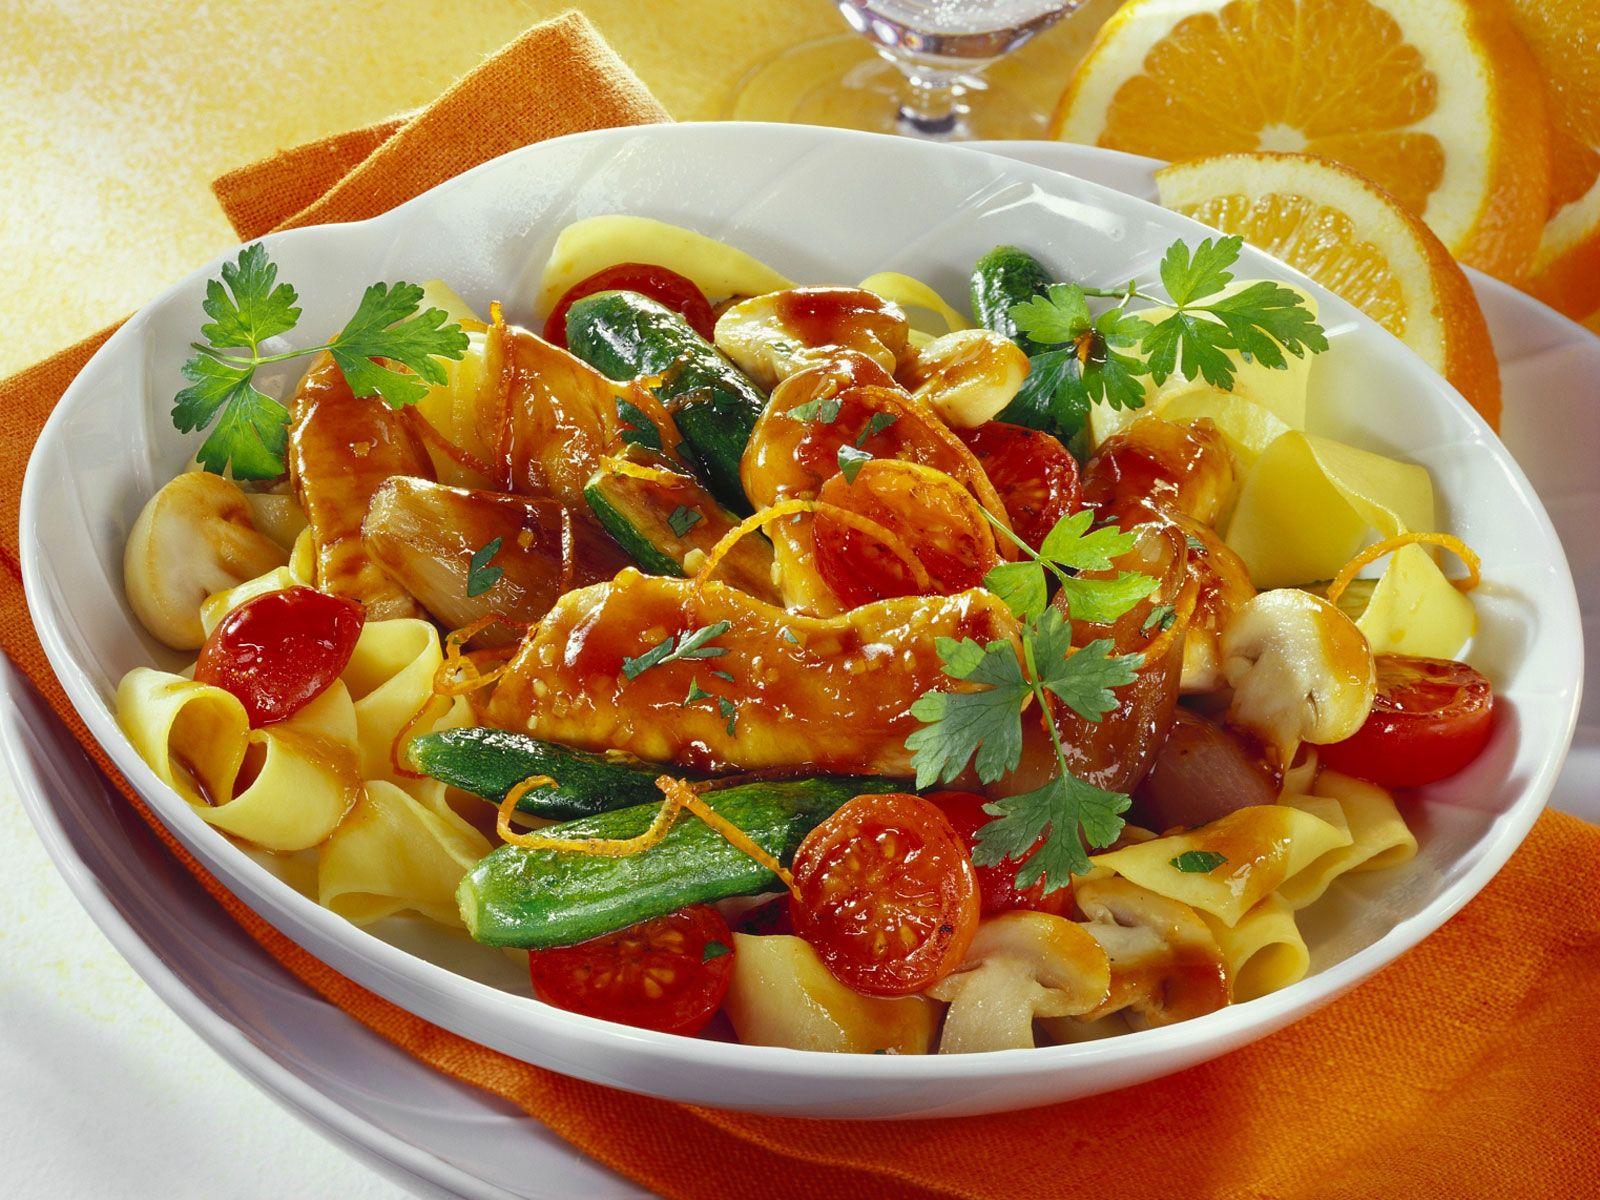 Berühmt Hähnchen in Honigmarinade mit Nudeln und Gemüse Rezept   EAT SMARTER #LZ_69